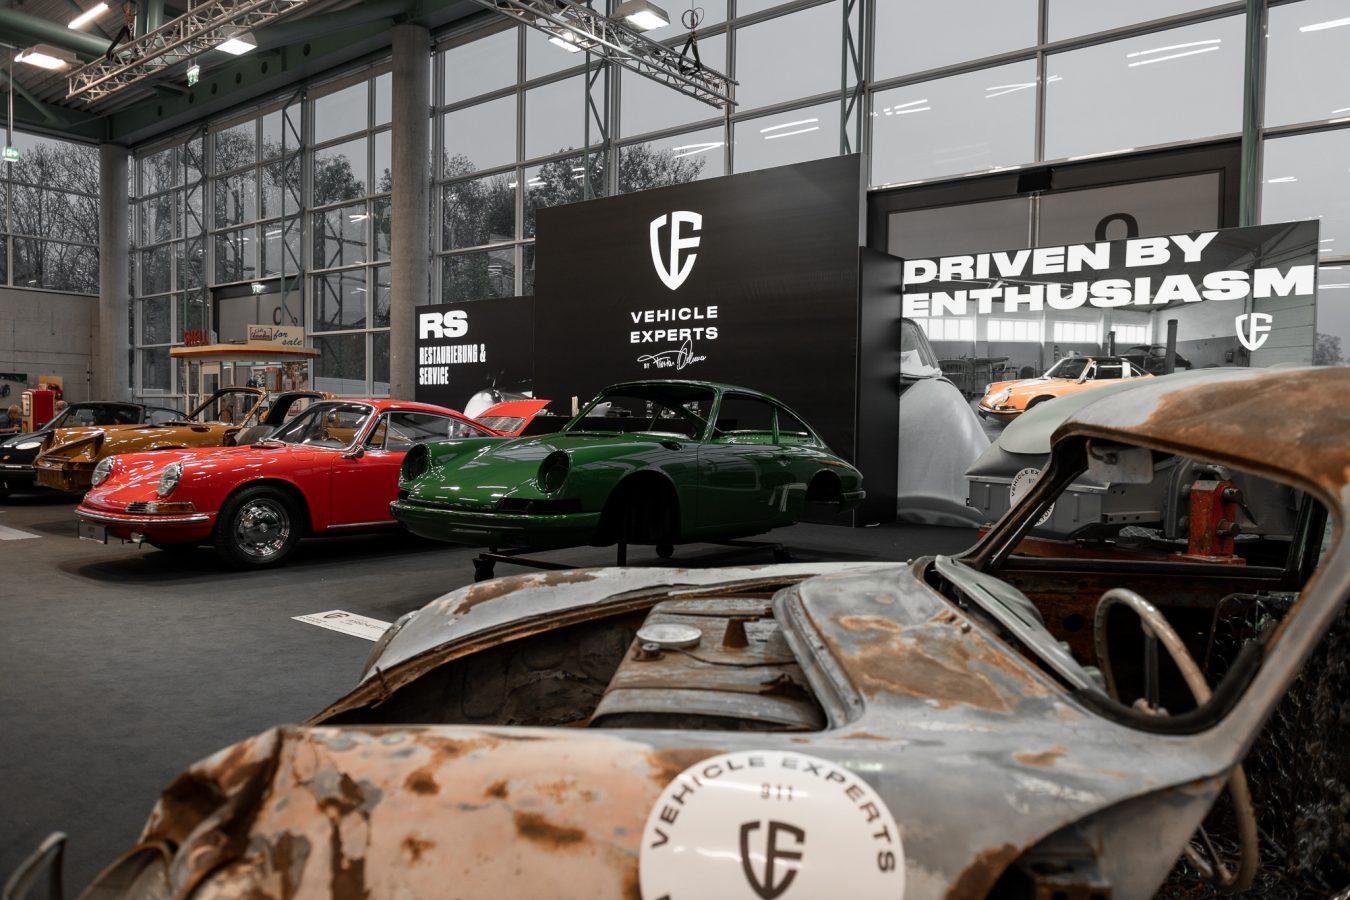 Vehicle Experts Ausstellung auf der CLASSIC EXPO Salzburg 2018